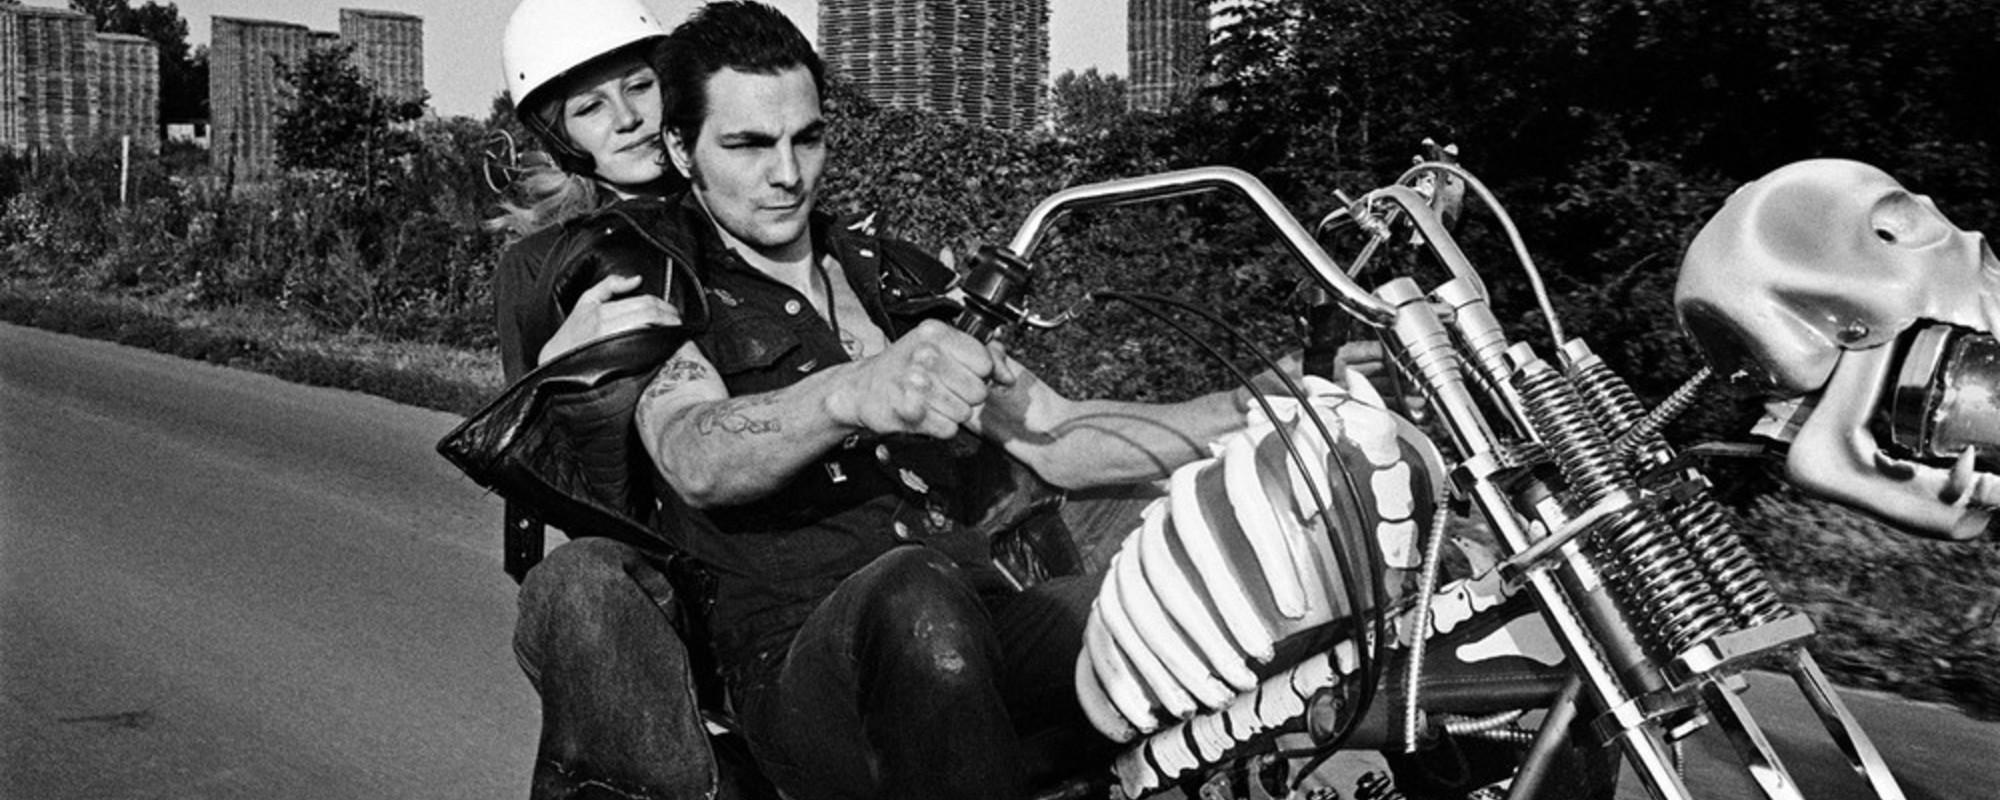 Moorddadig mooie foto's van Franse bikers in de jaren zeventig